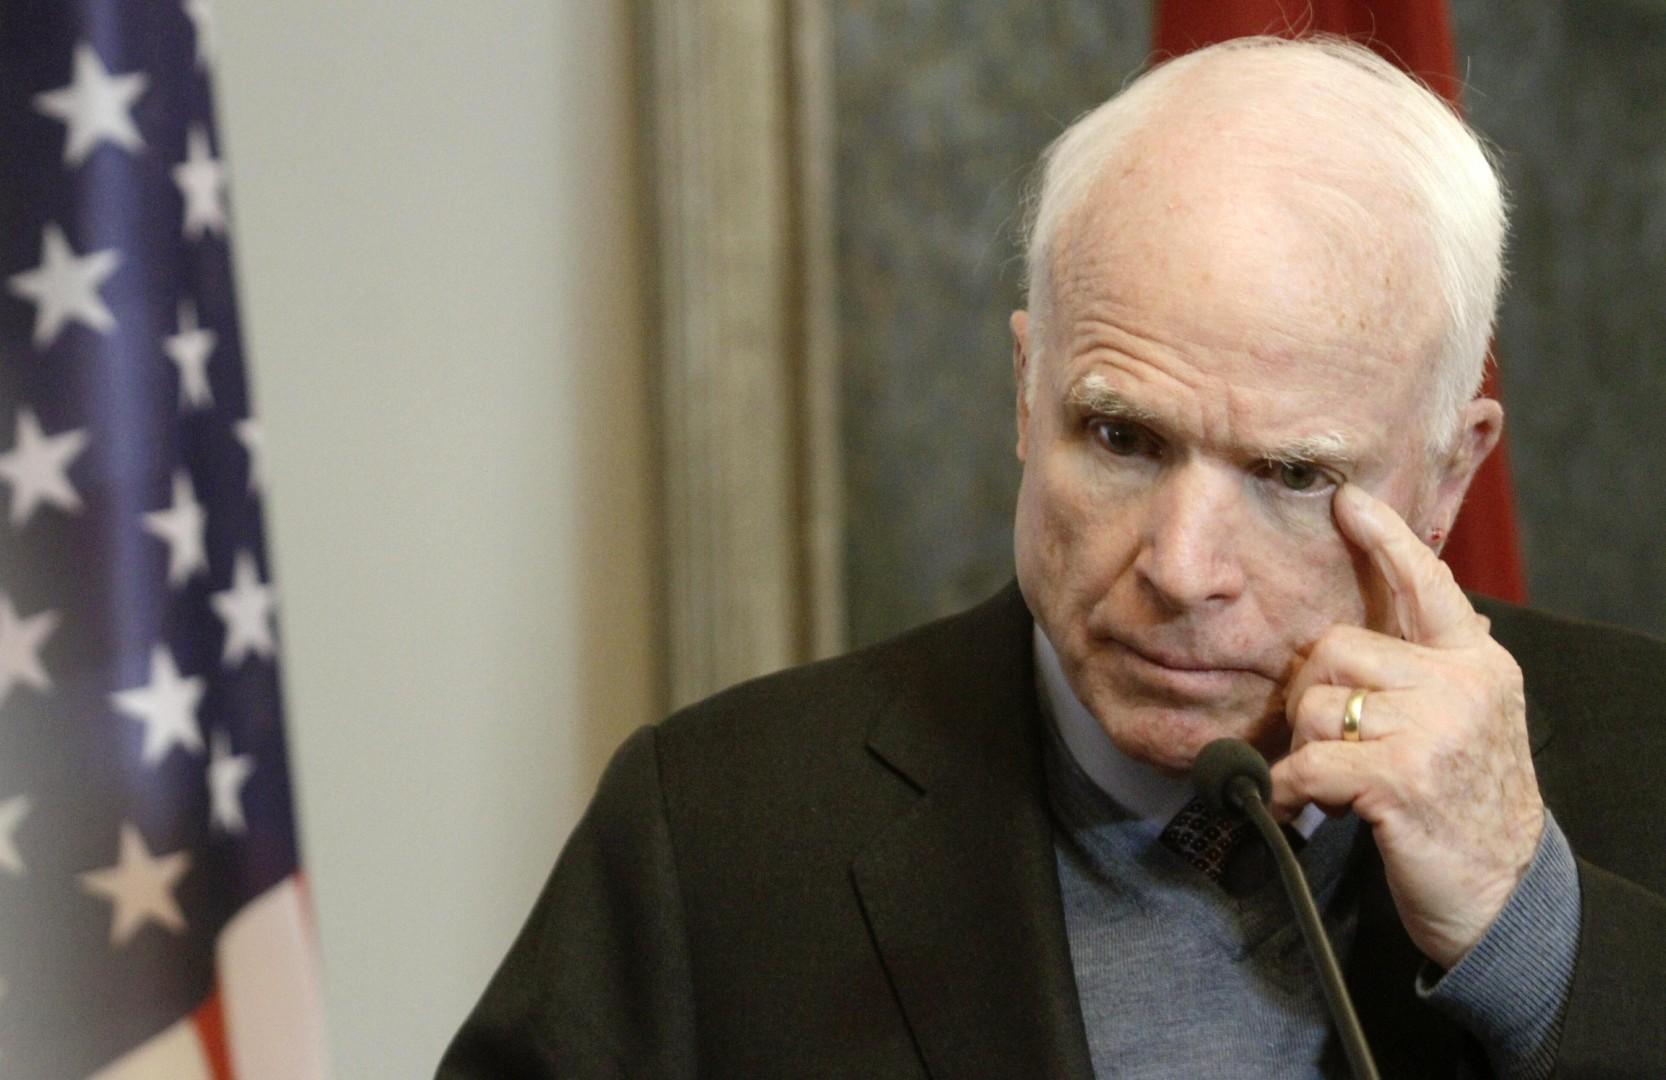 Je na seznamu dobitnikov podkupnin tudi republikanski senator John Mccain?